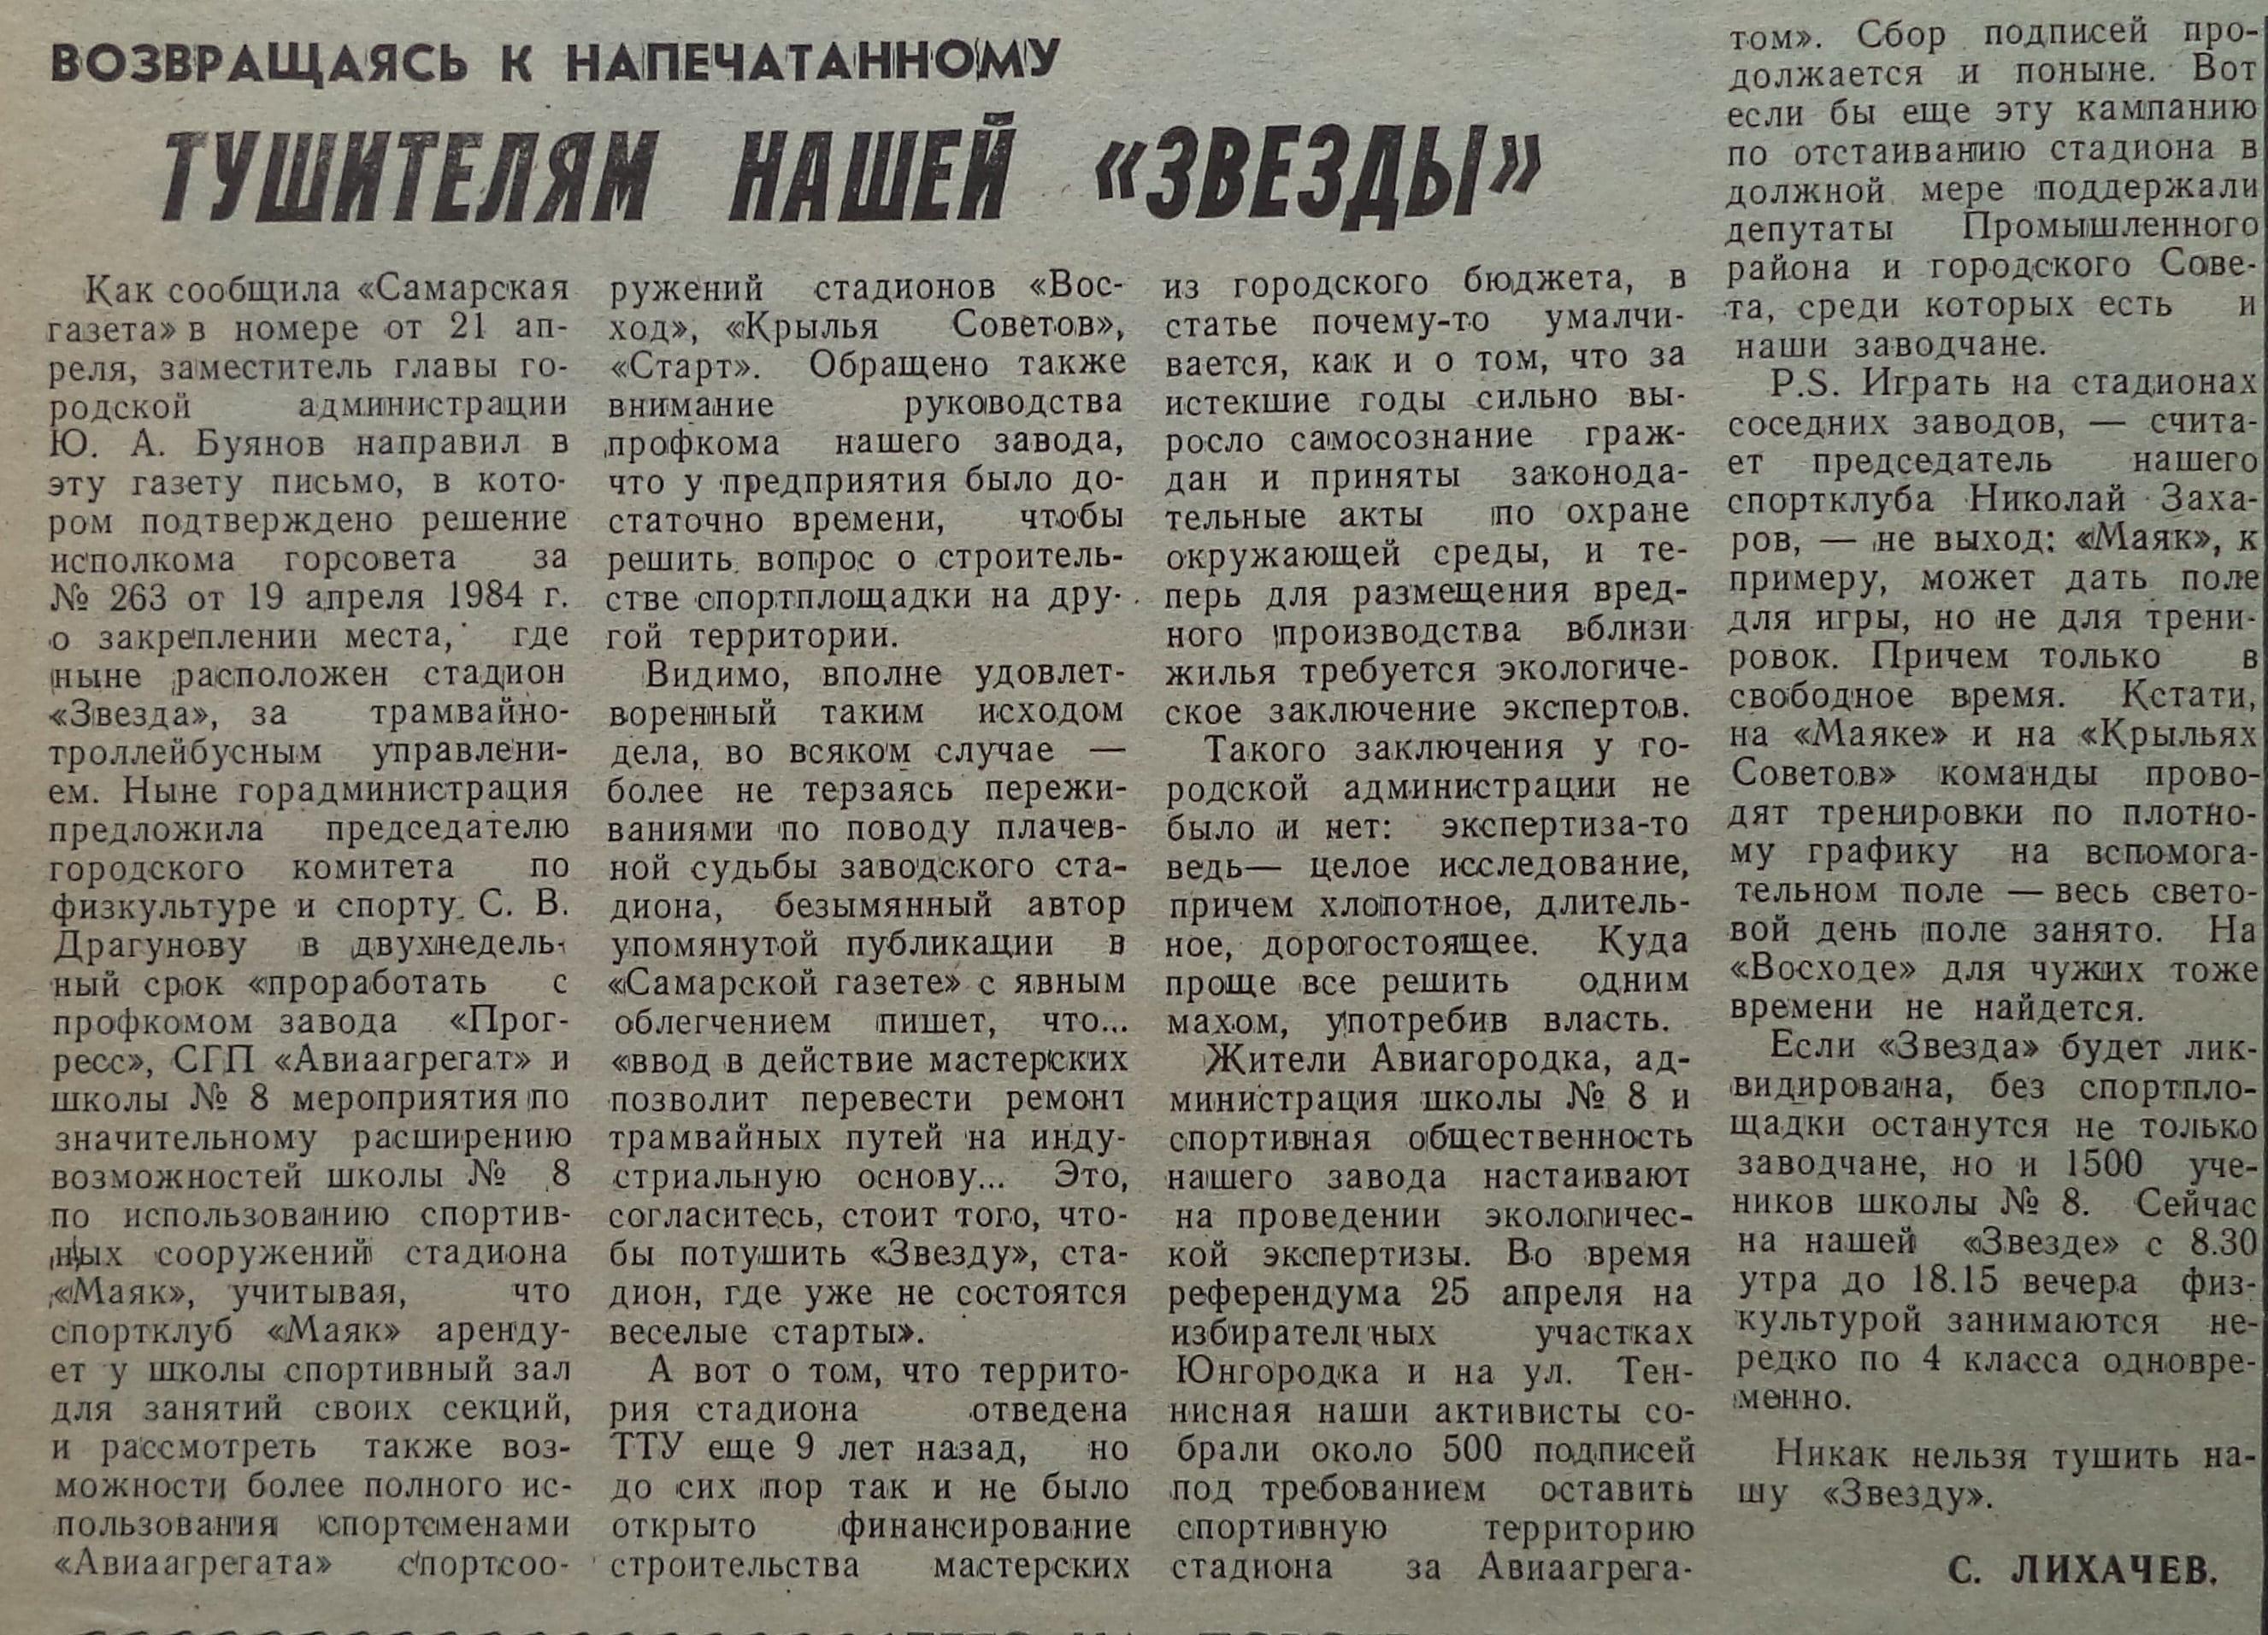 Стадионы-ФОТО-12-Передовик-1993-18 мая